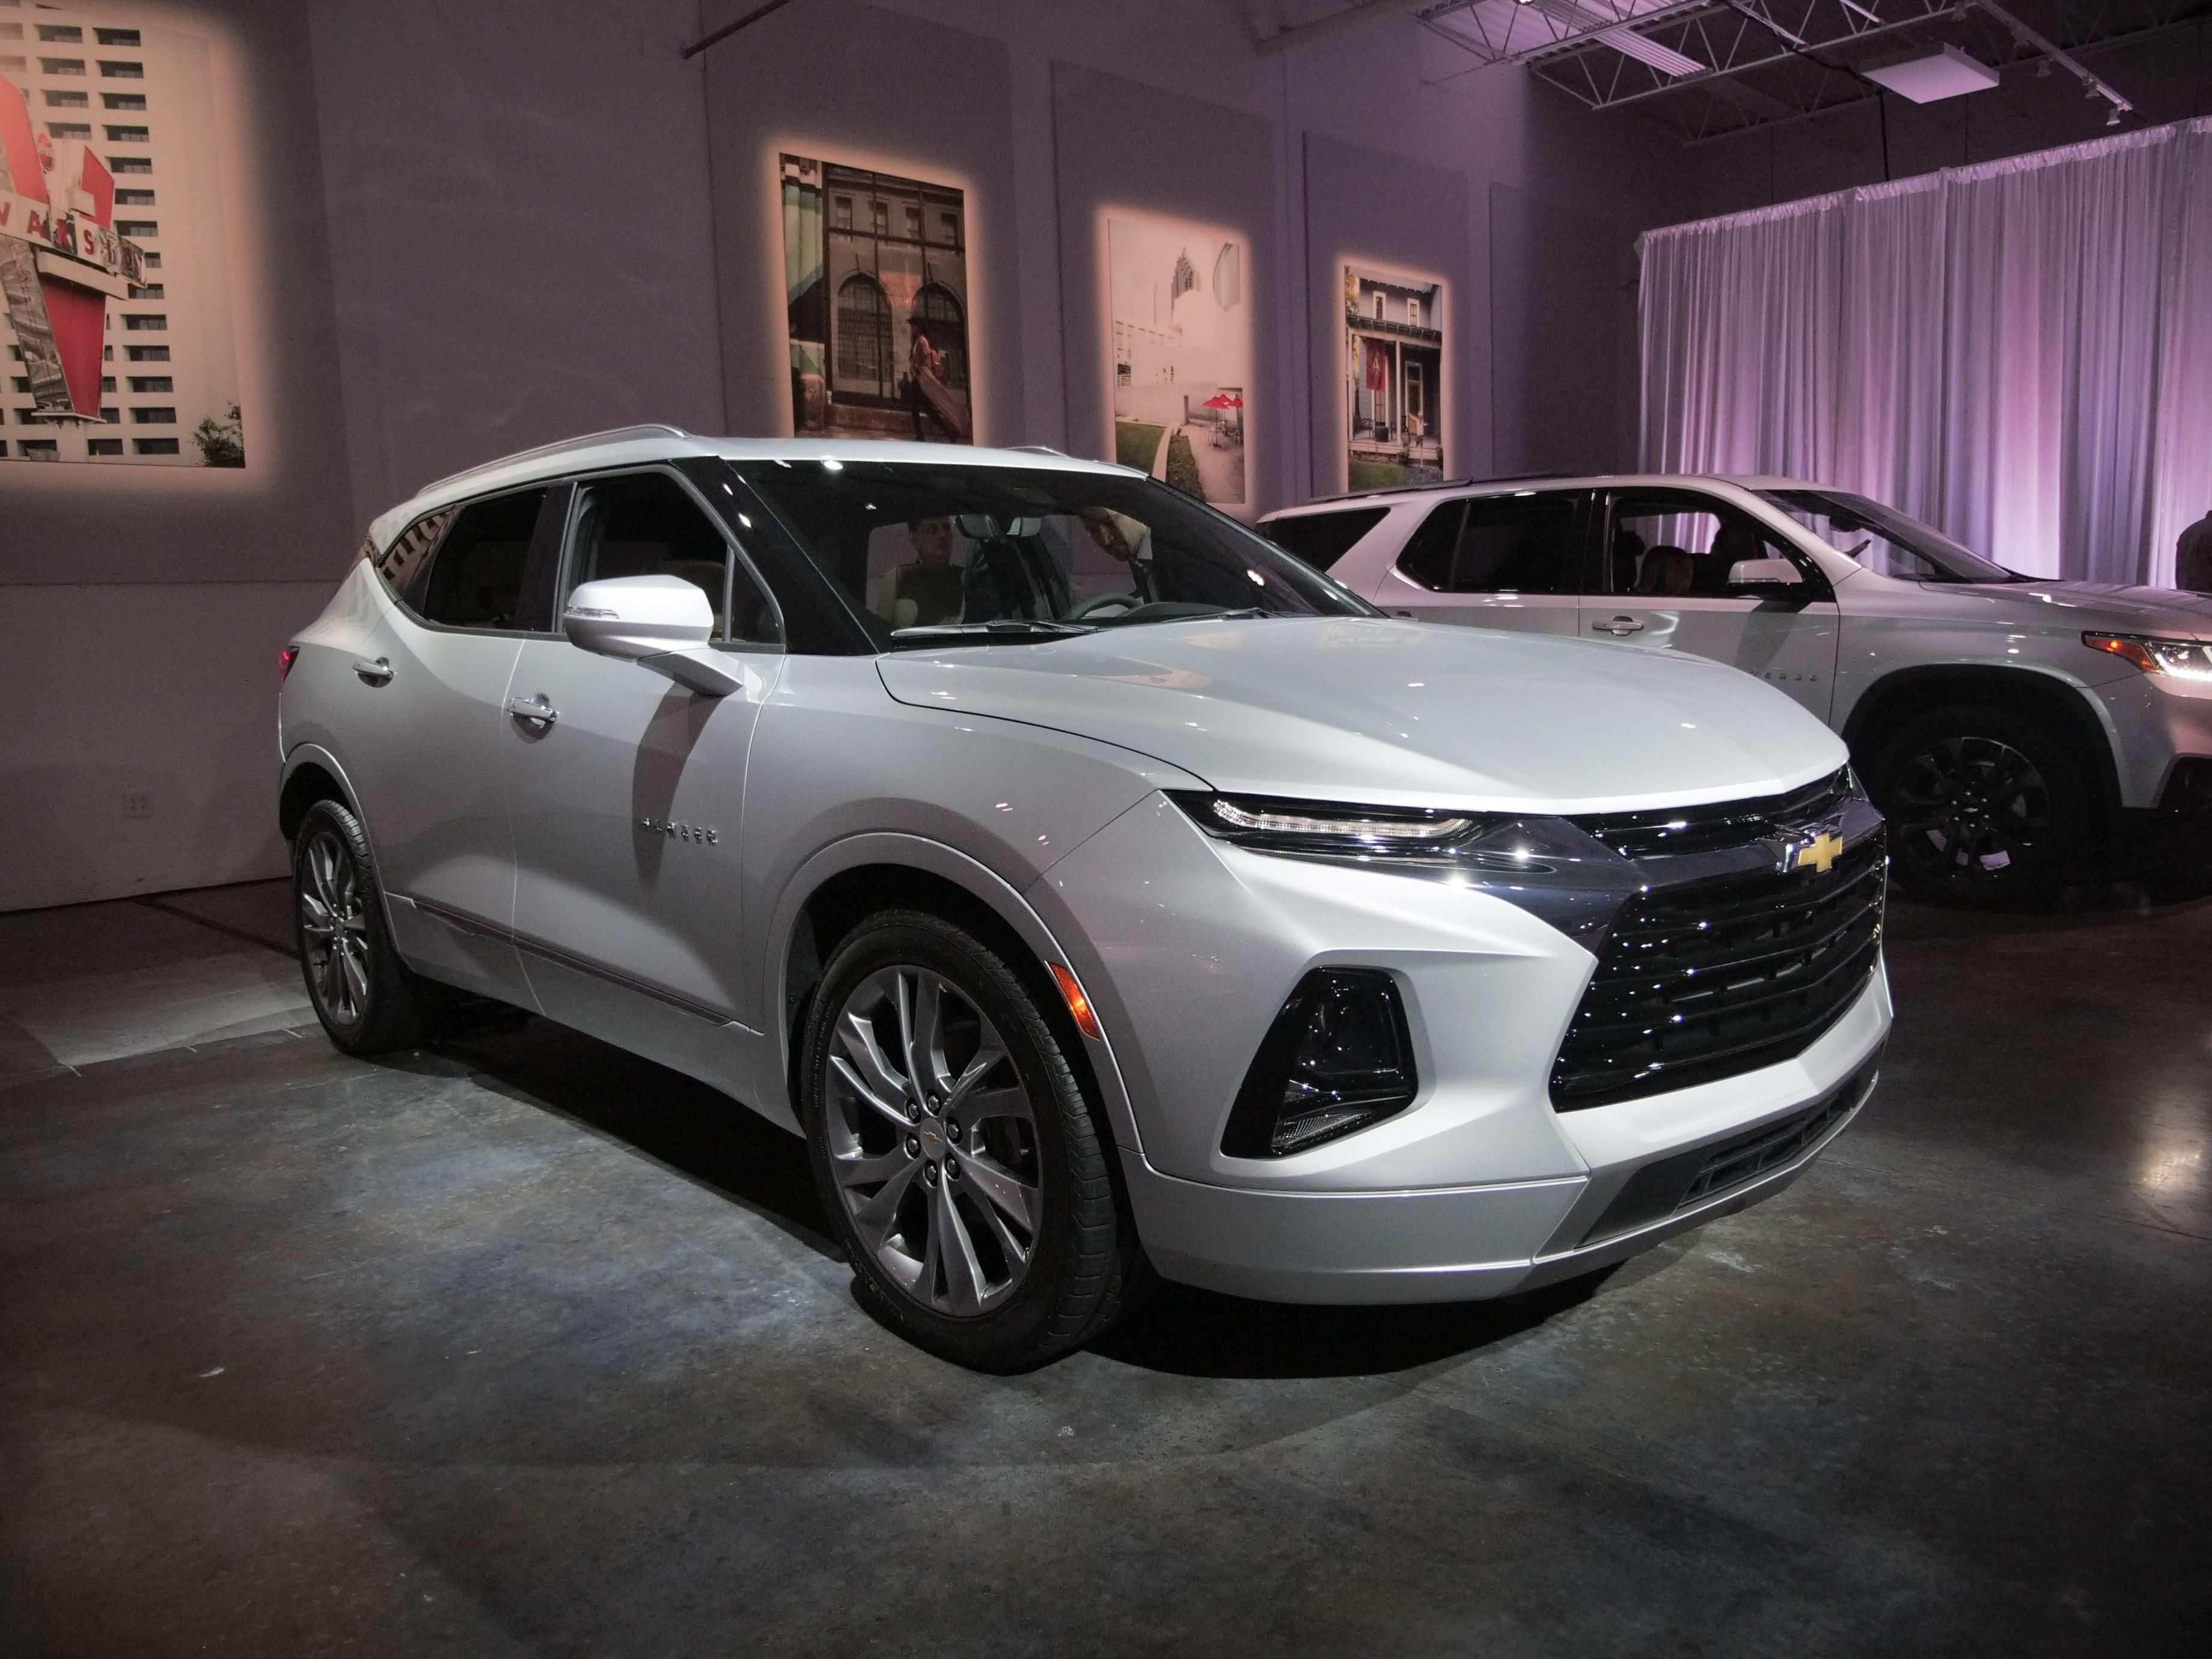 11 Great New Nueva Chevrolet 2019 Release Date Research New for New Nueva Chevrolet 2019 Release Date